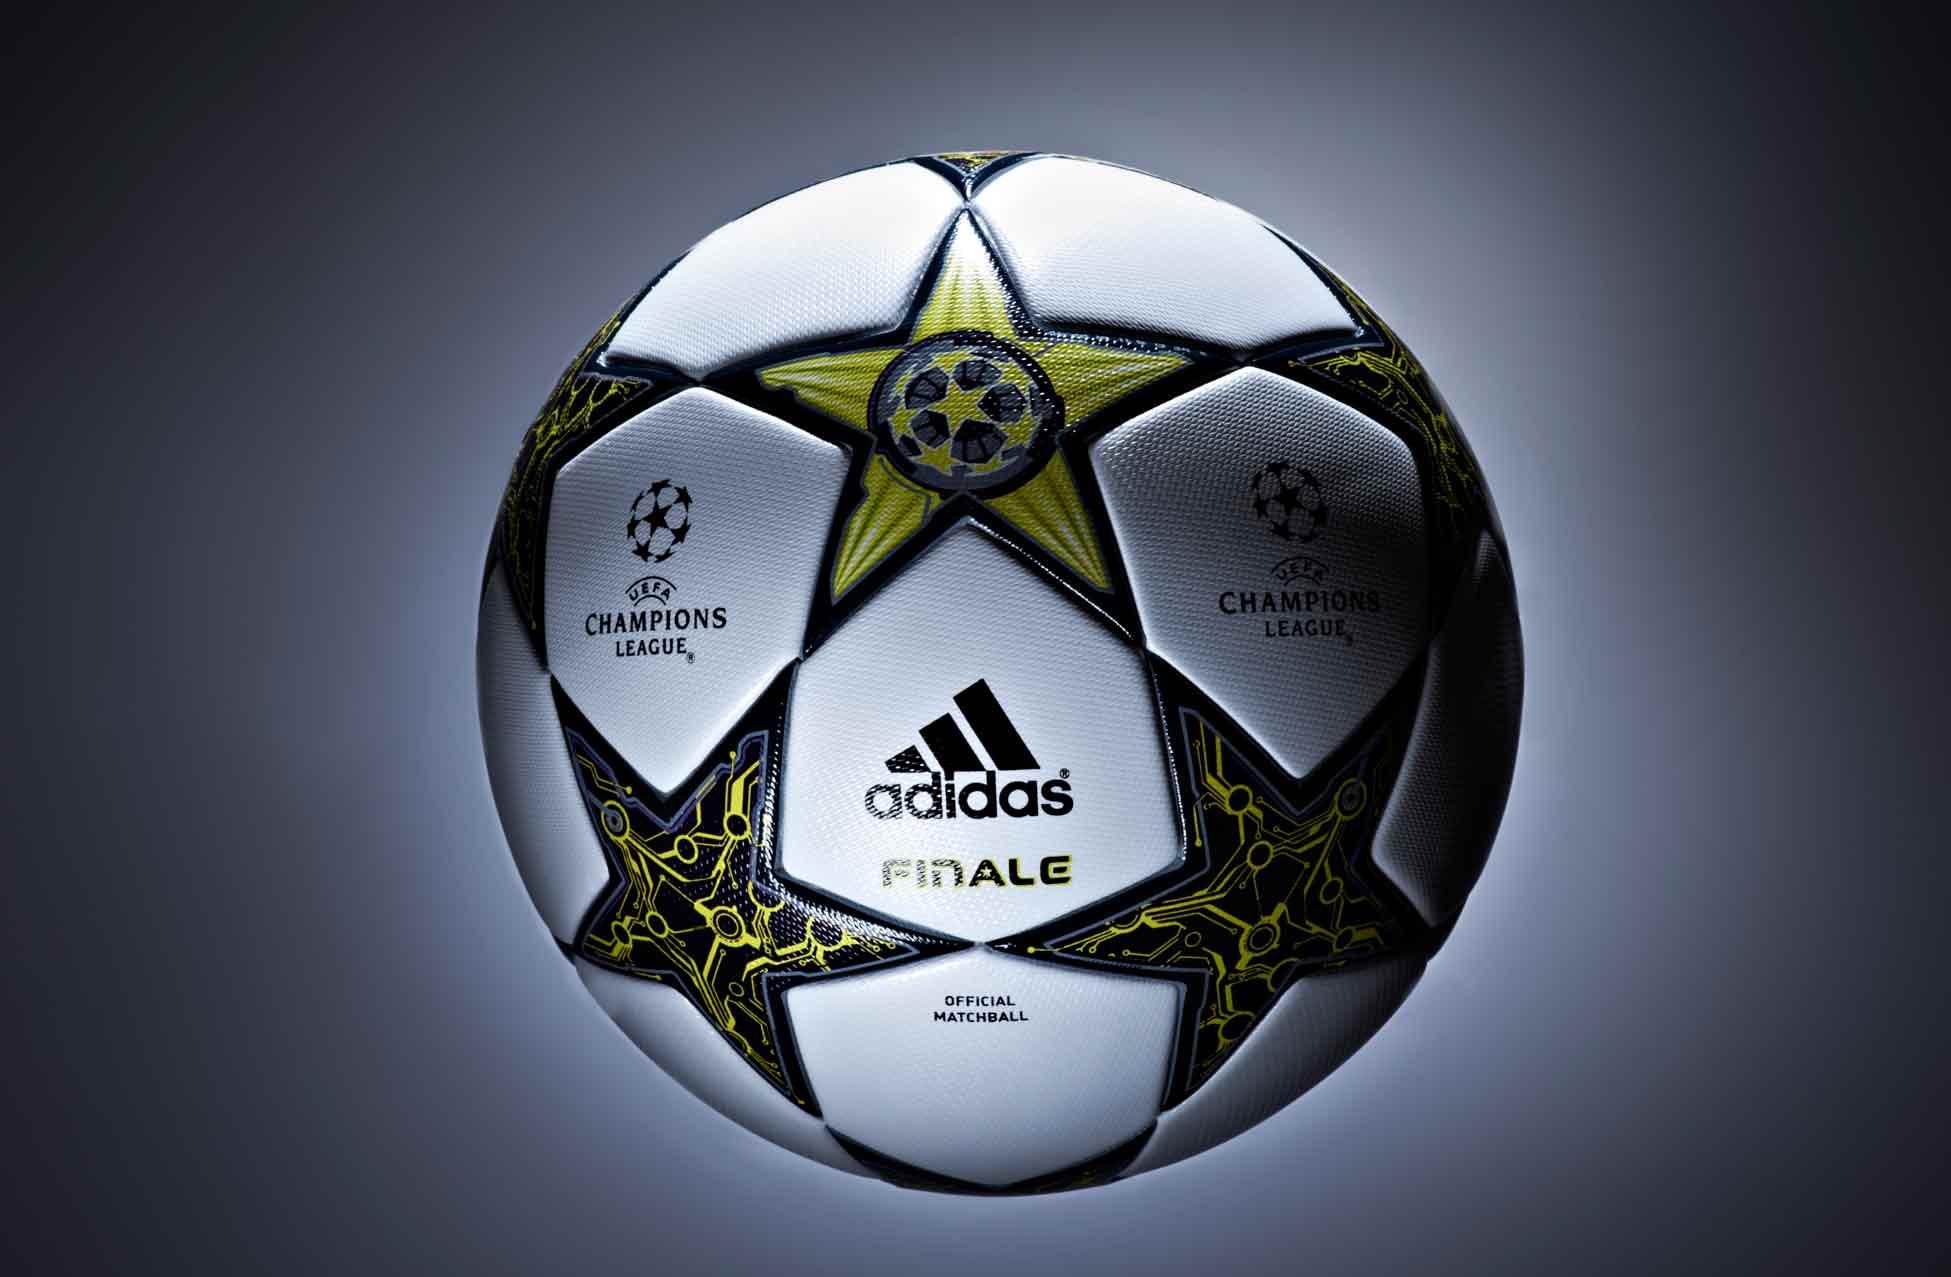 мяча лч сезона 2012-2013 Adidas Finale 12